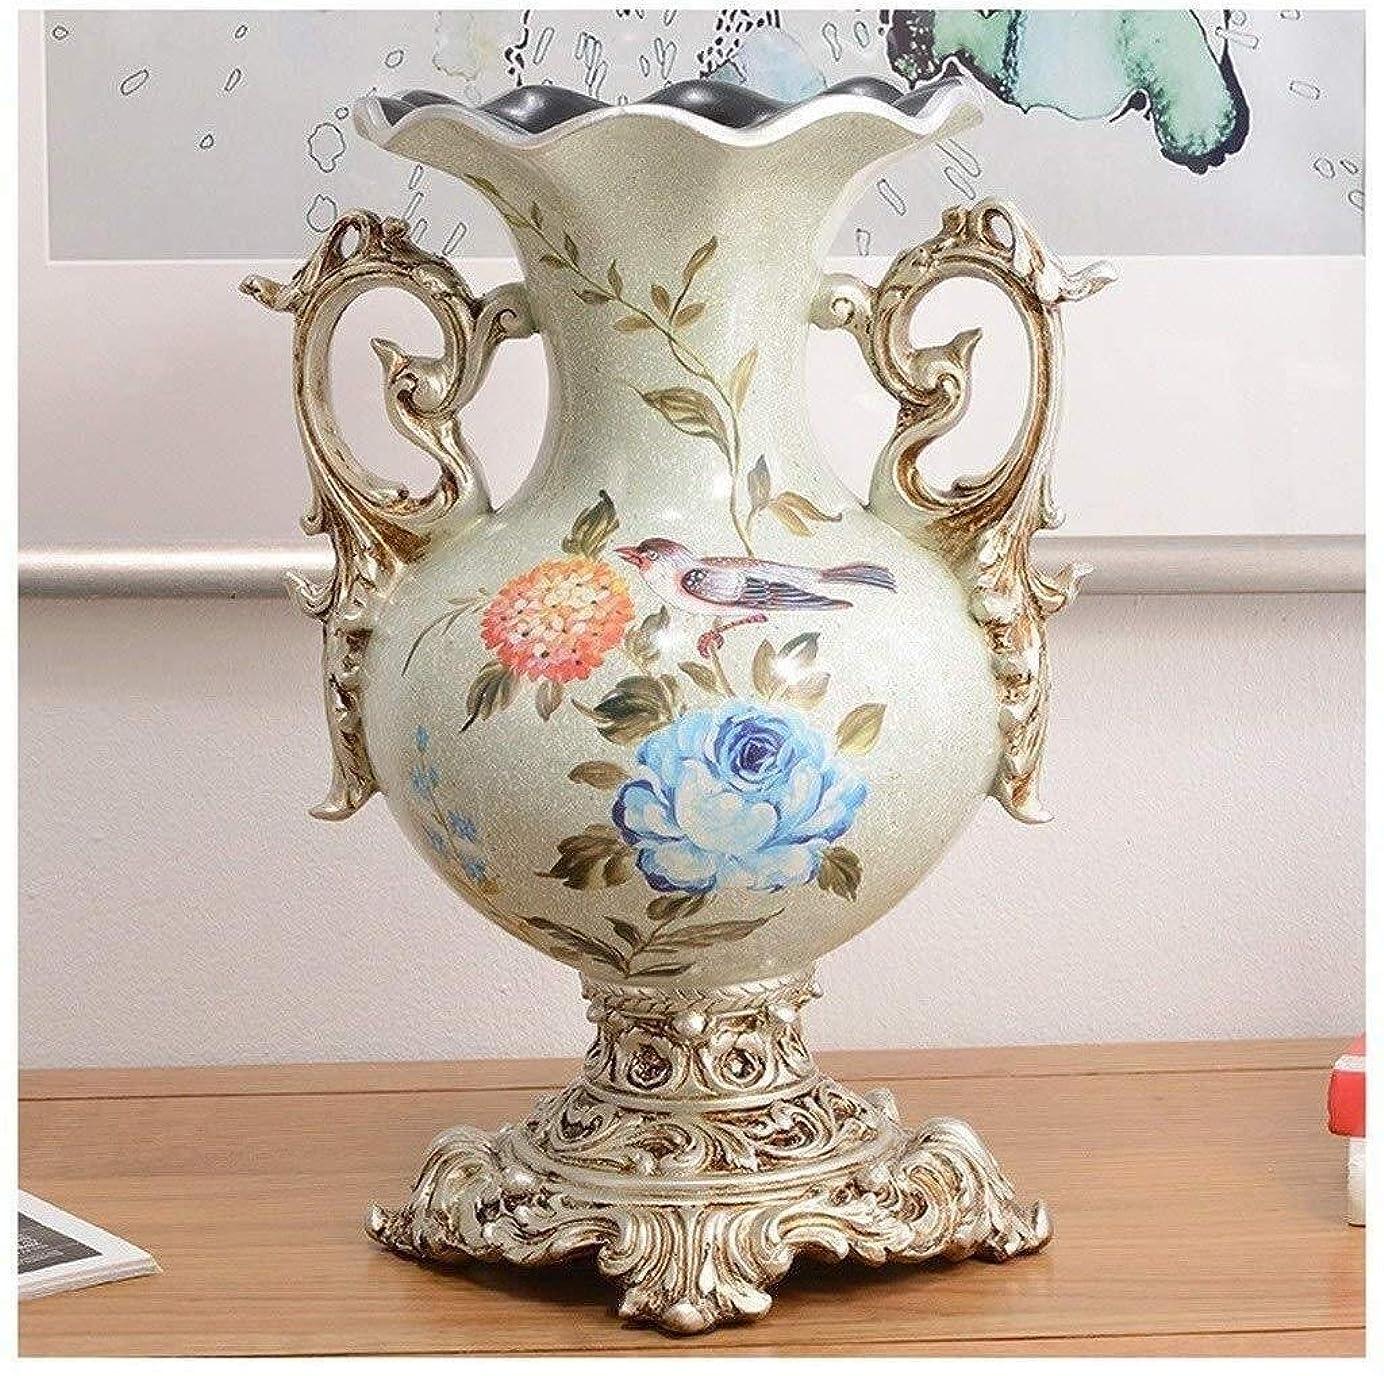 を除く哀燃料花器 クリエイティブレトロな樹脂花瓶ルーム花飾り美しい外観クリスマス家具の芸術作品完璧な状態レジン 花瓶